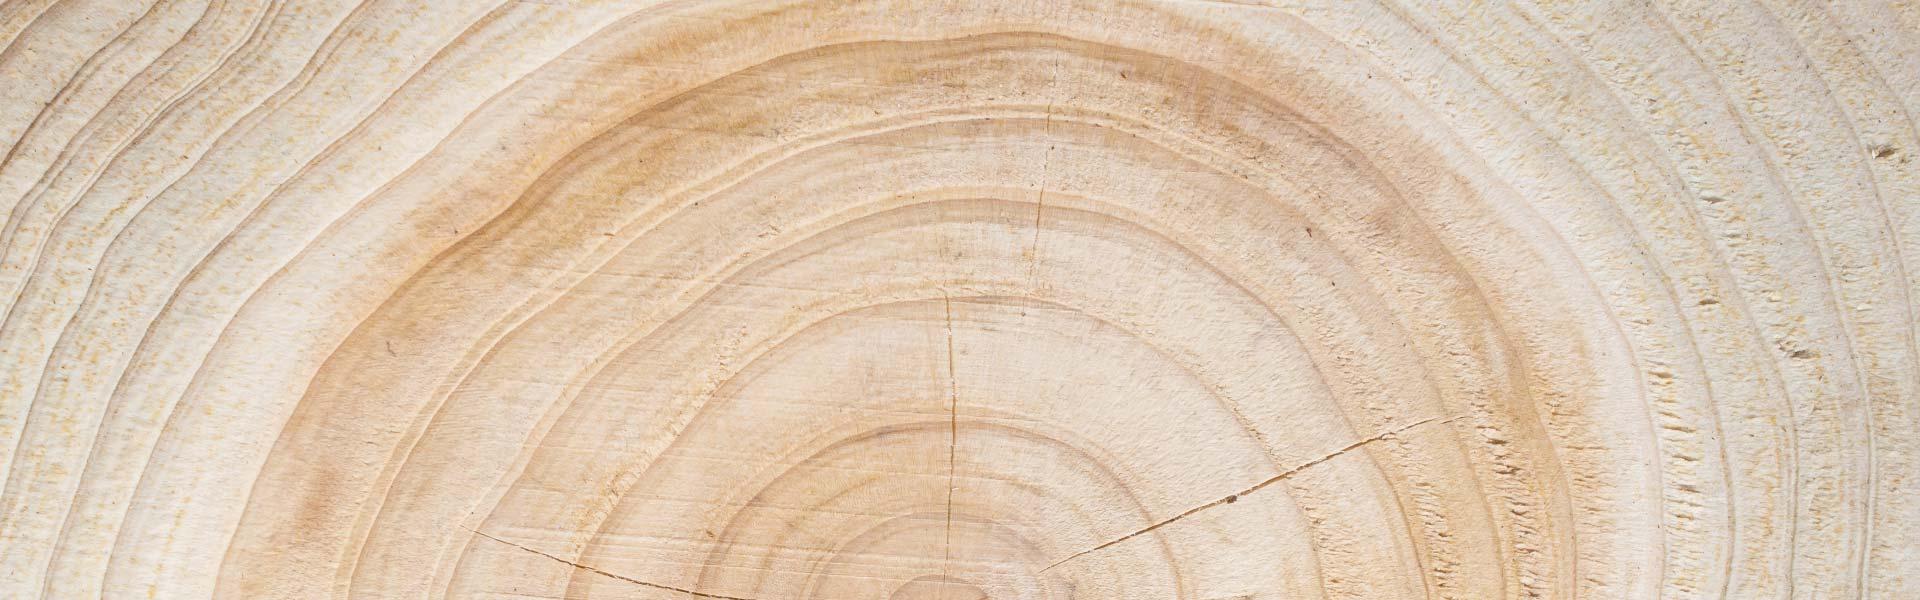 Jahresringe eines Baumes